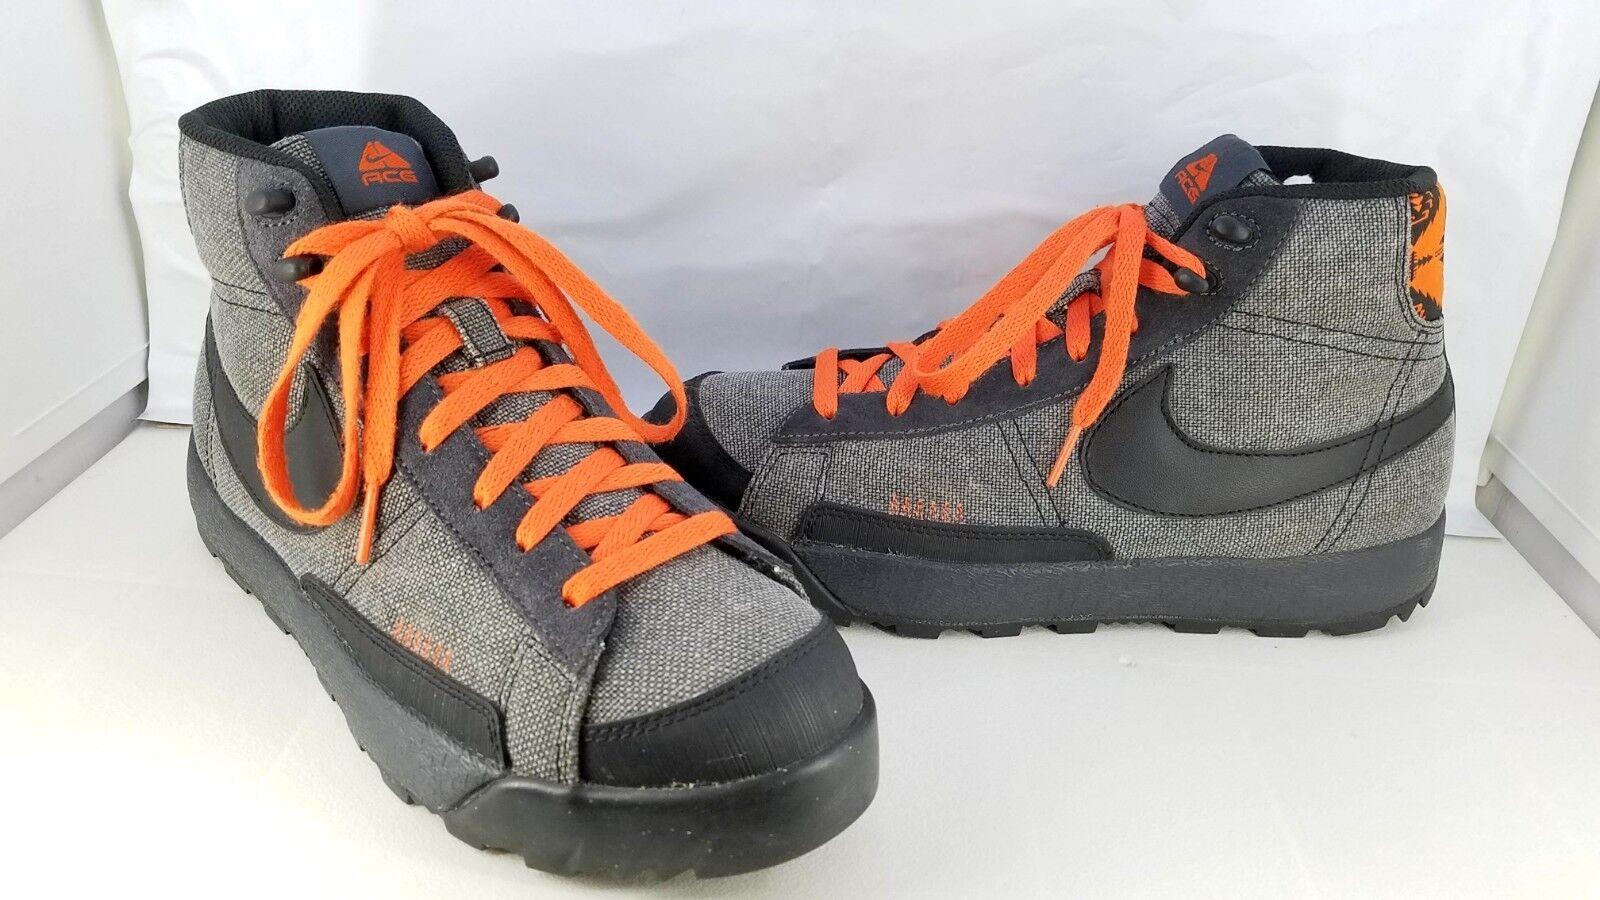 Nike air blazer acg metà uomini solare sz 8 324694-001  antracite / nero arancione solare uomini 2008 df28be